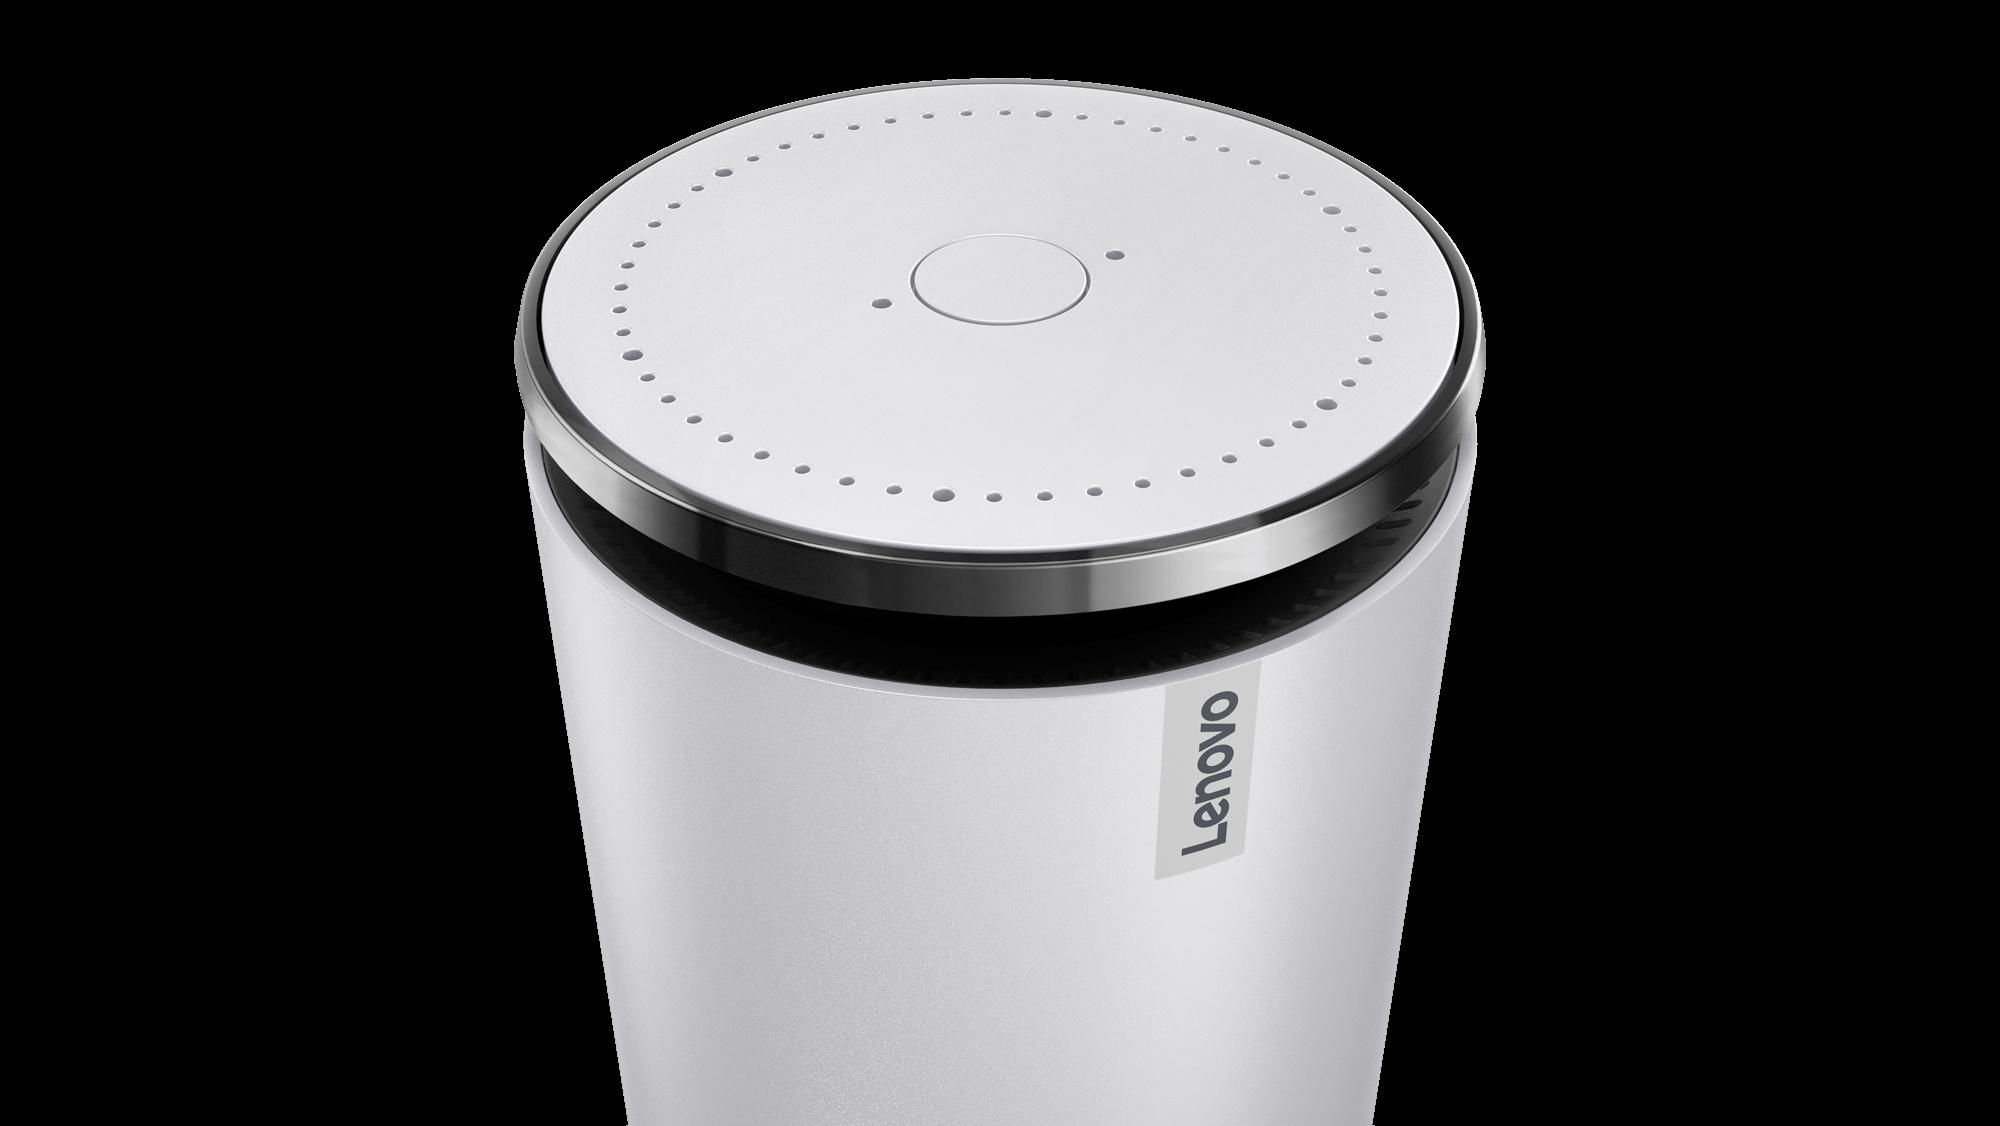 Сетевой накопитель Lenovo Смарт Storage оценен в $140